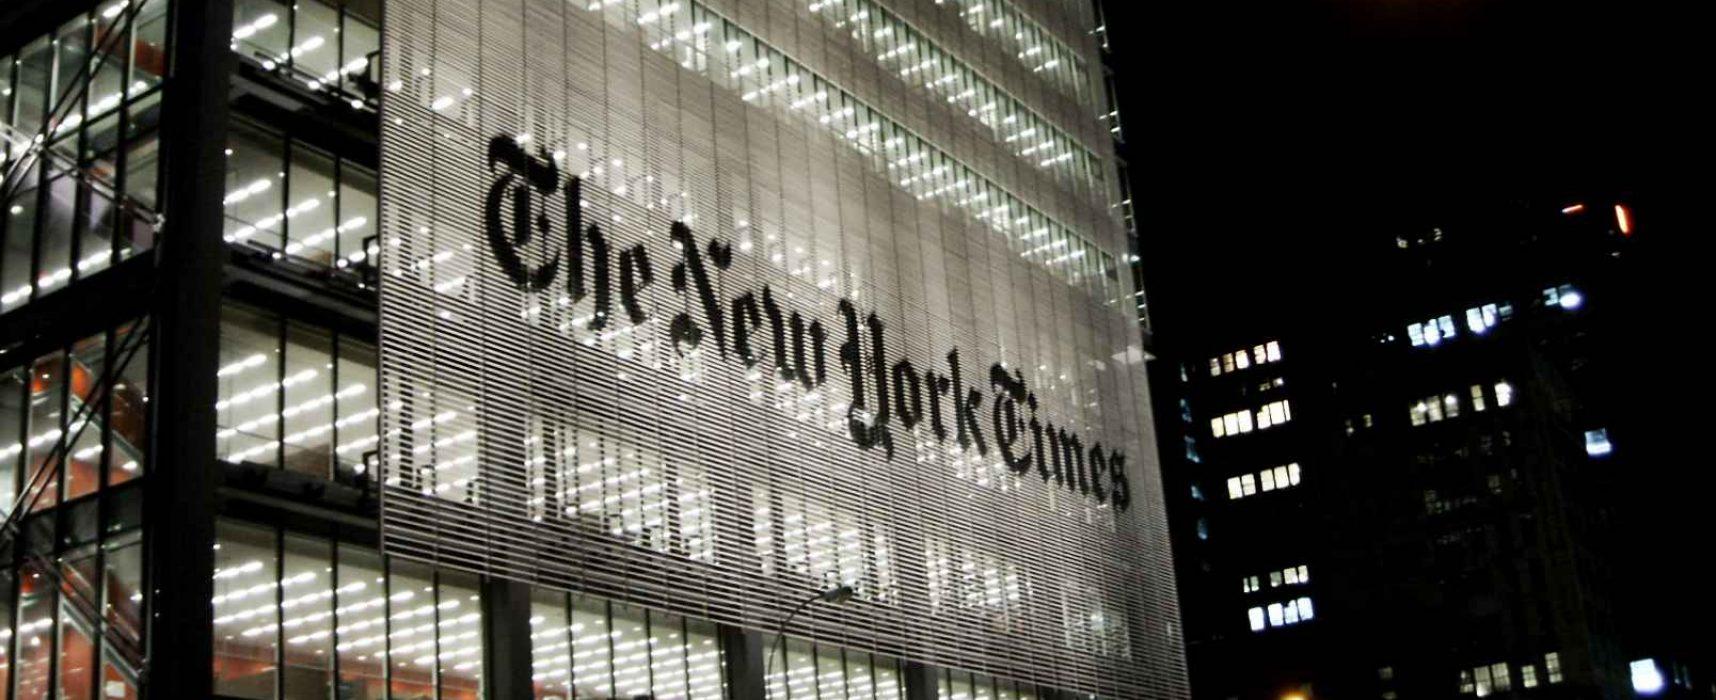 Фейк посольства РФ в США: NYT подтасовала факты и удалила абзац статьи со статистикой смертности в Лондоне и Нью-Йорке